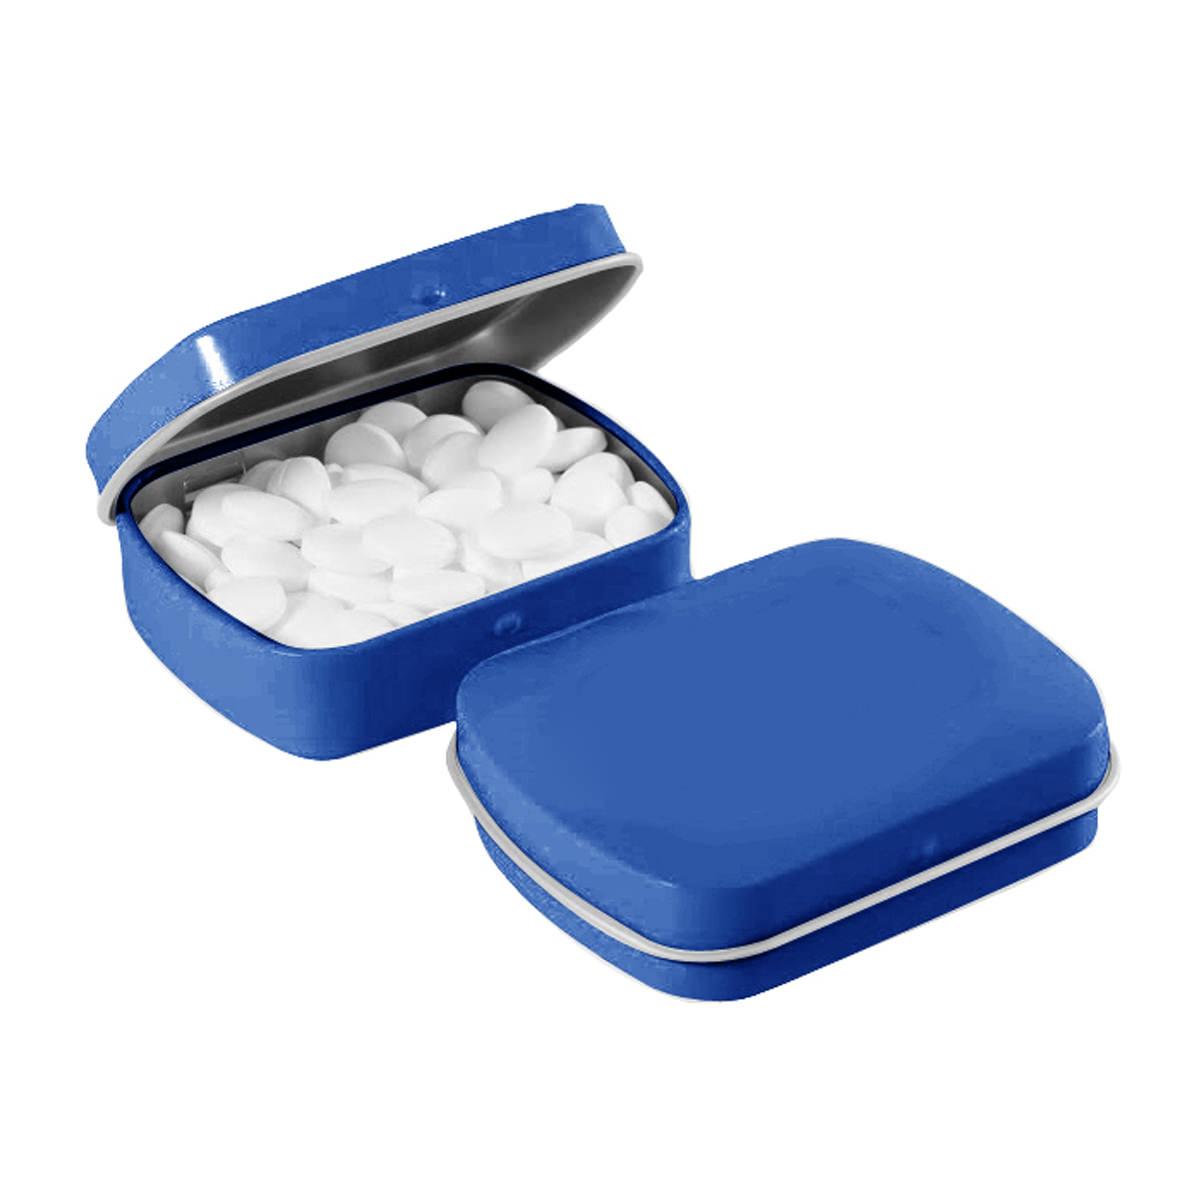 קופסת סוכריות - אסטי